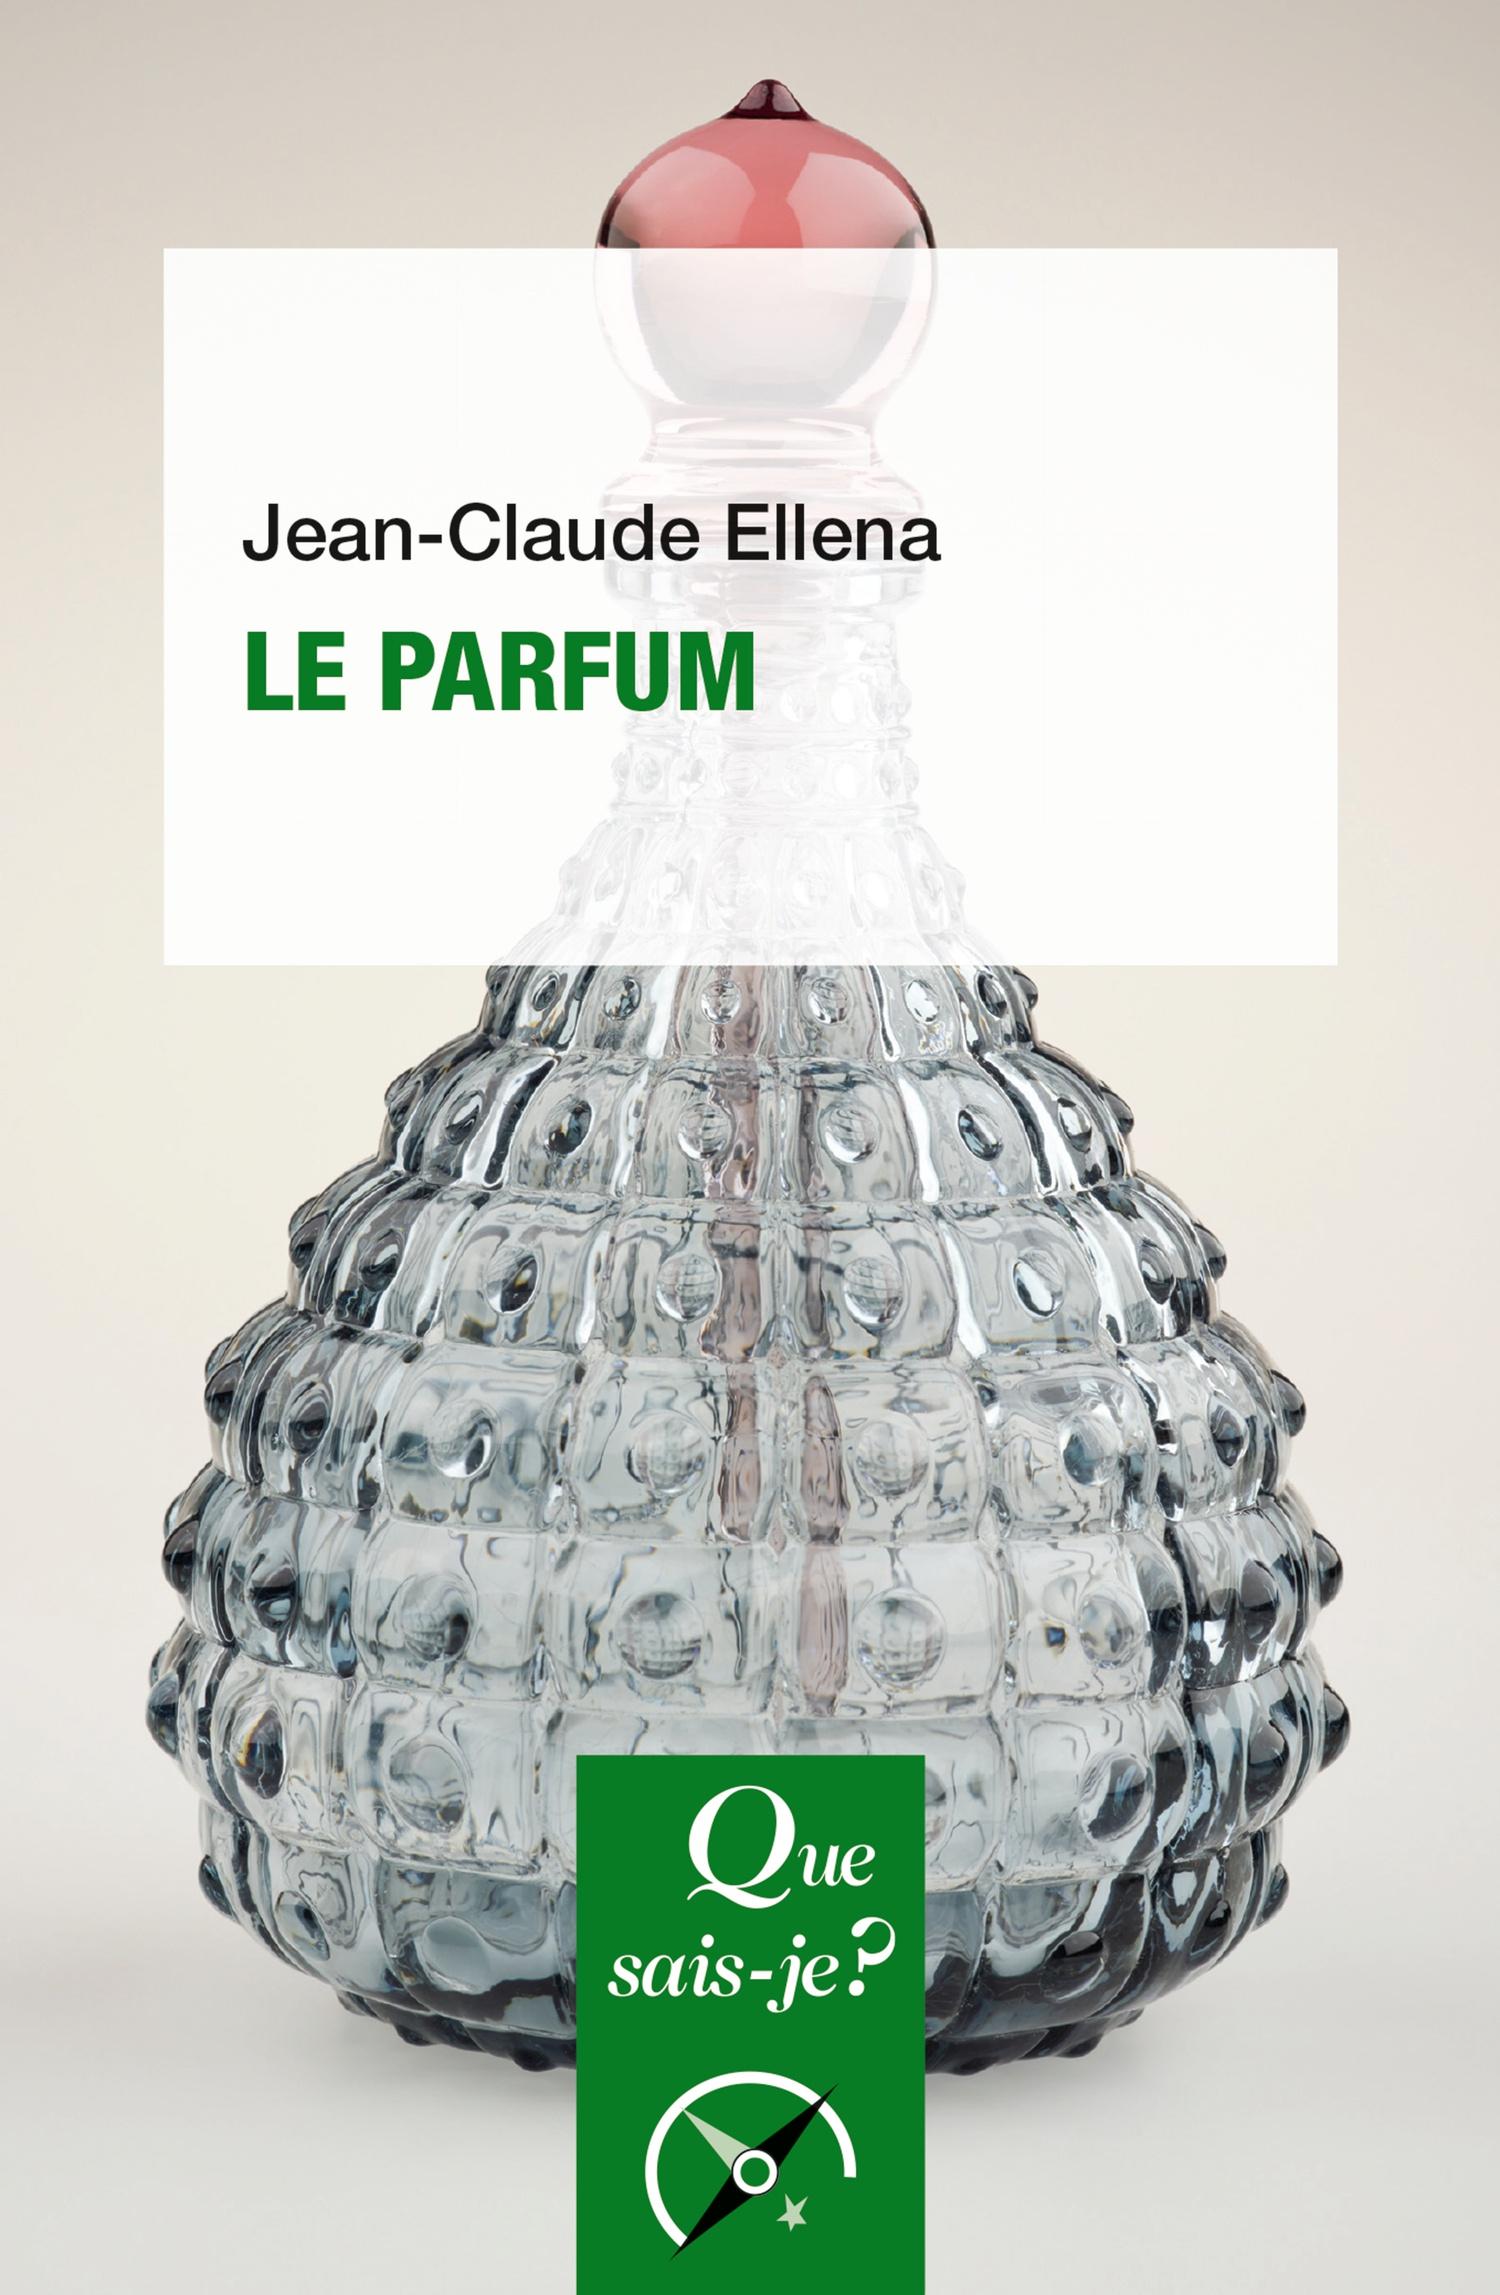 Chapitre XI. La protection des parfums | Cairn.info